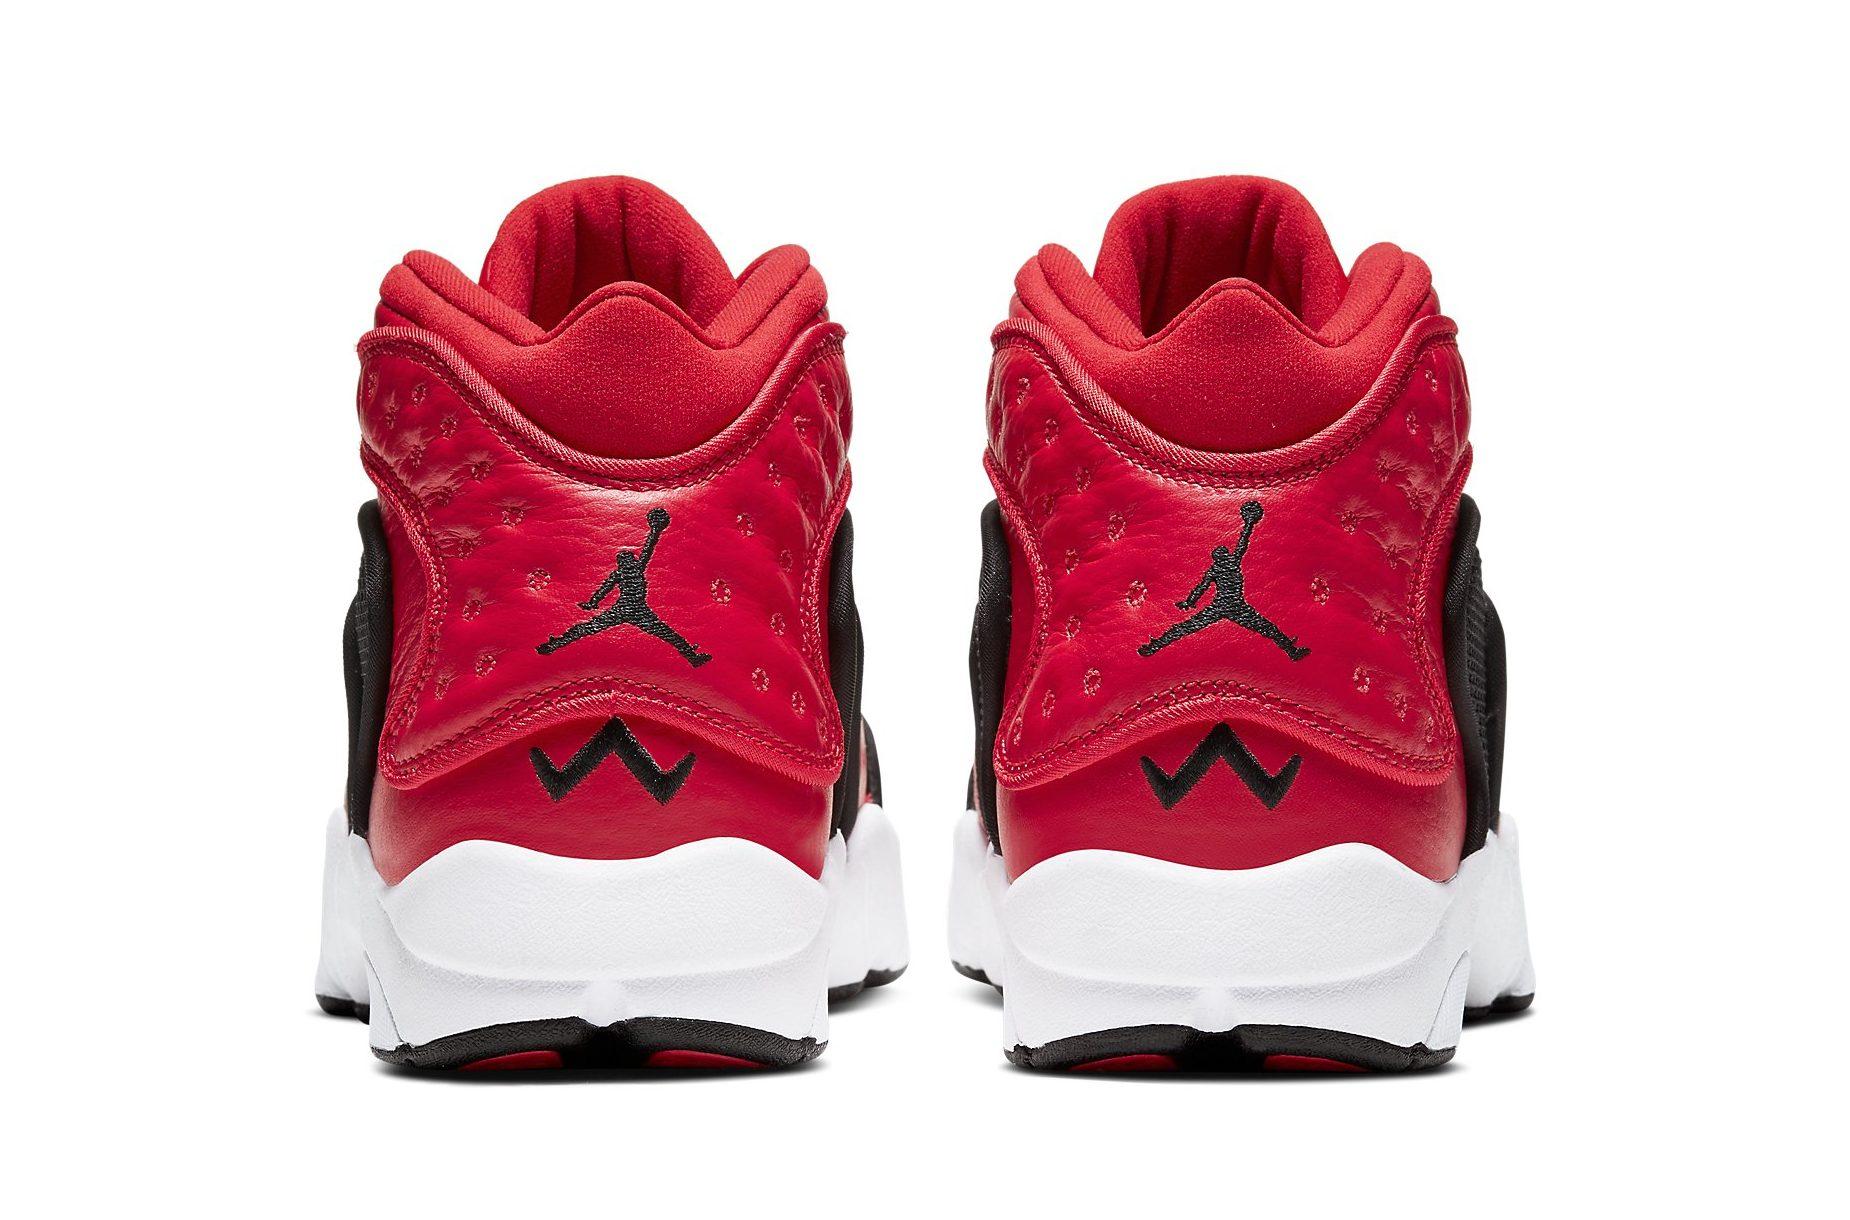 Air Jordan Women's OG 'University Red' Release Info: How to ...